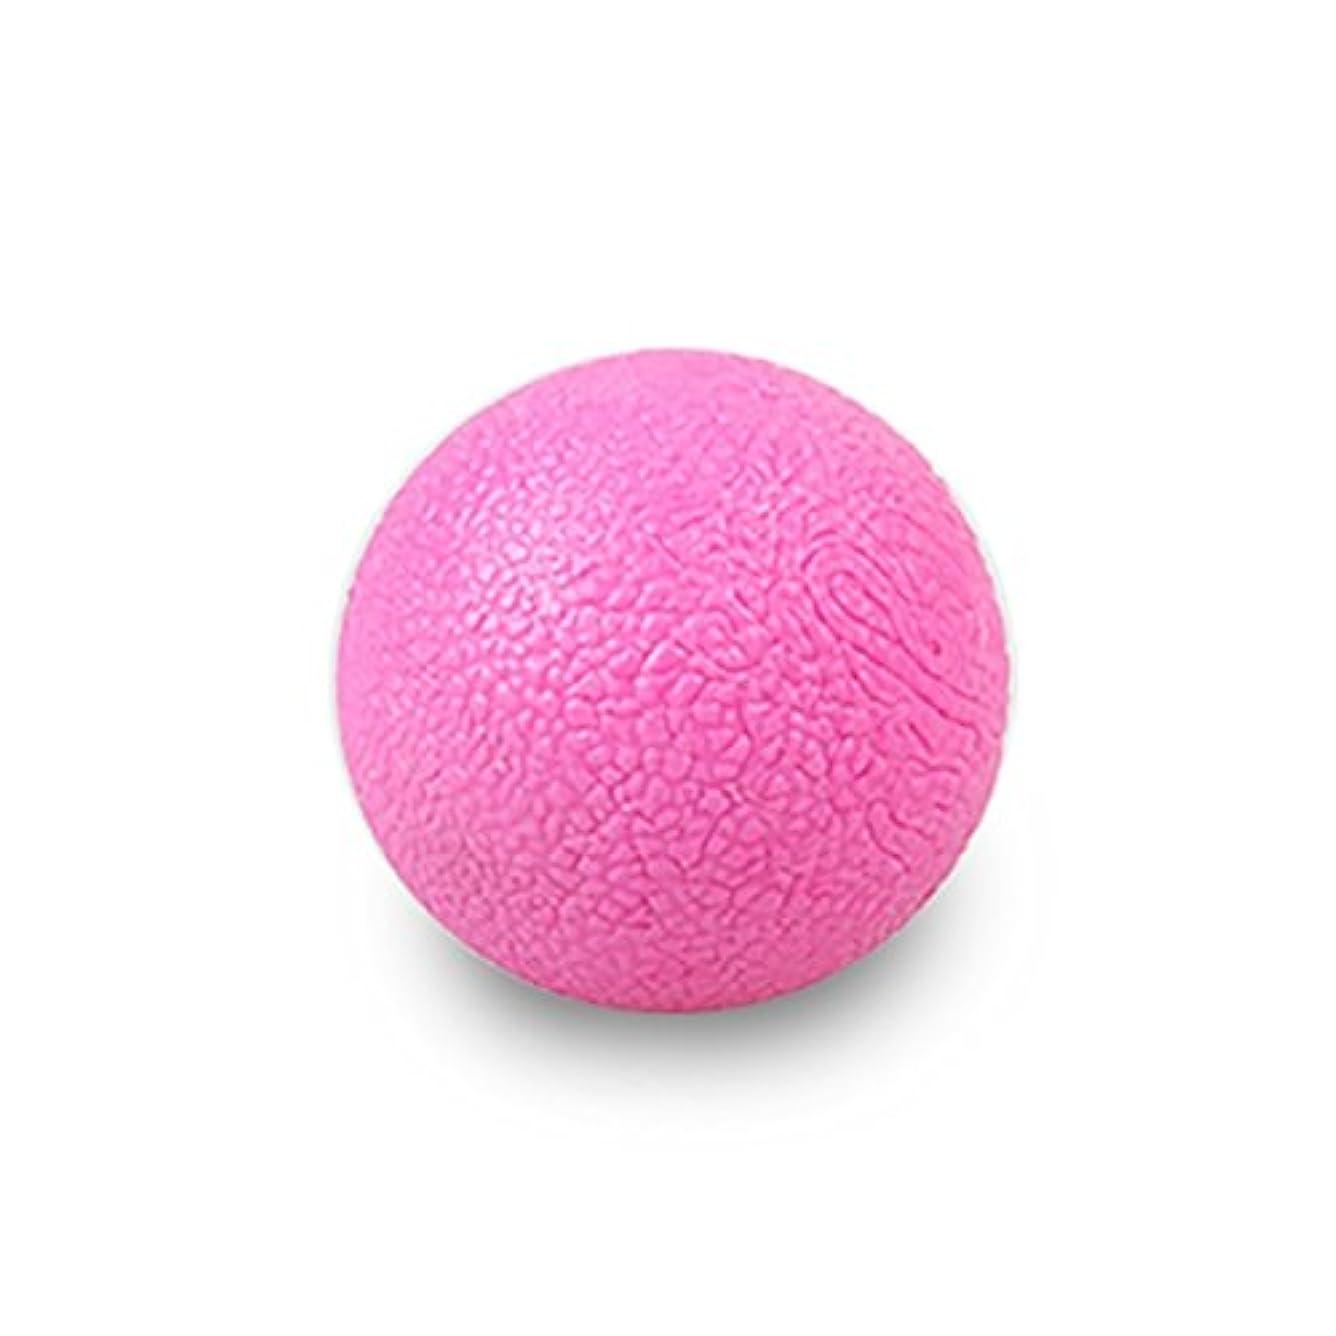 ライナーフリルアクティブSHAPE&UP UPnShape ピーナッツ マッサージ ボール(1.8インチ)/ストレッチ、ヨガ、フィットネス リハビリテーション腰痛首 (ブルー)